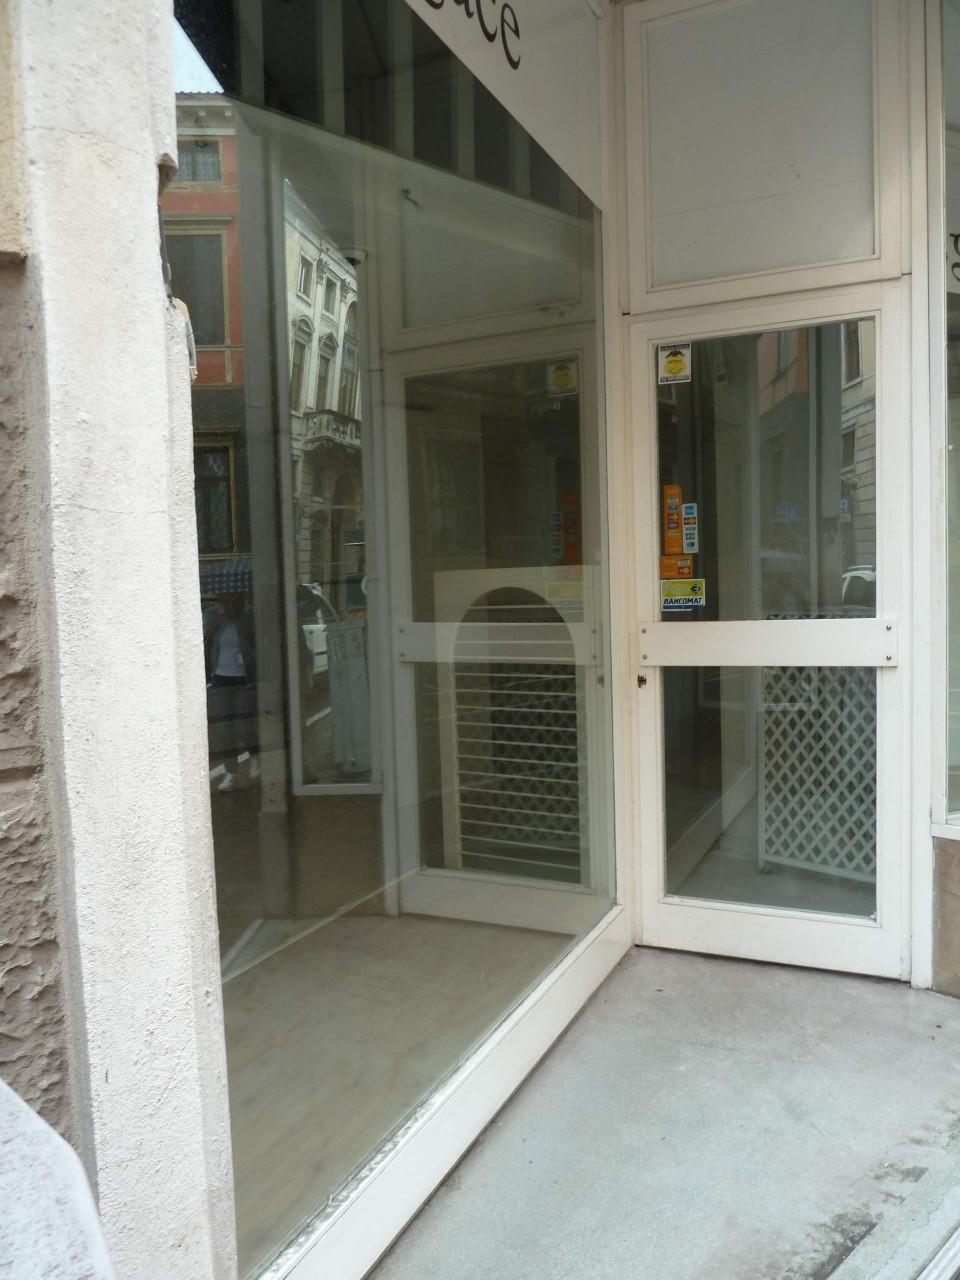 Negozio in affitto a padova pd zona santo chiavi in for 30 x 40 piani di garage con soppalco